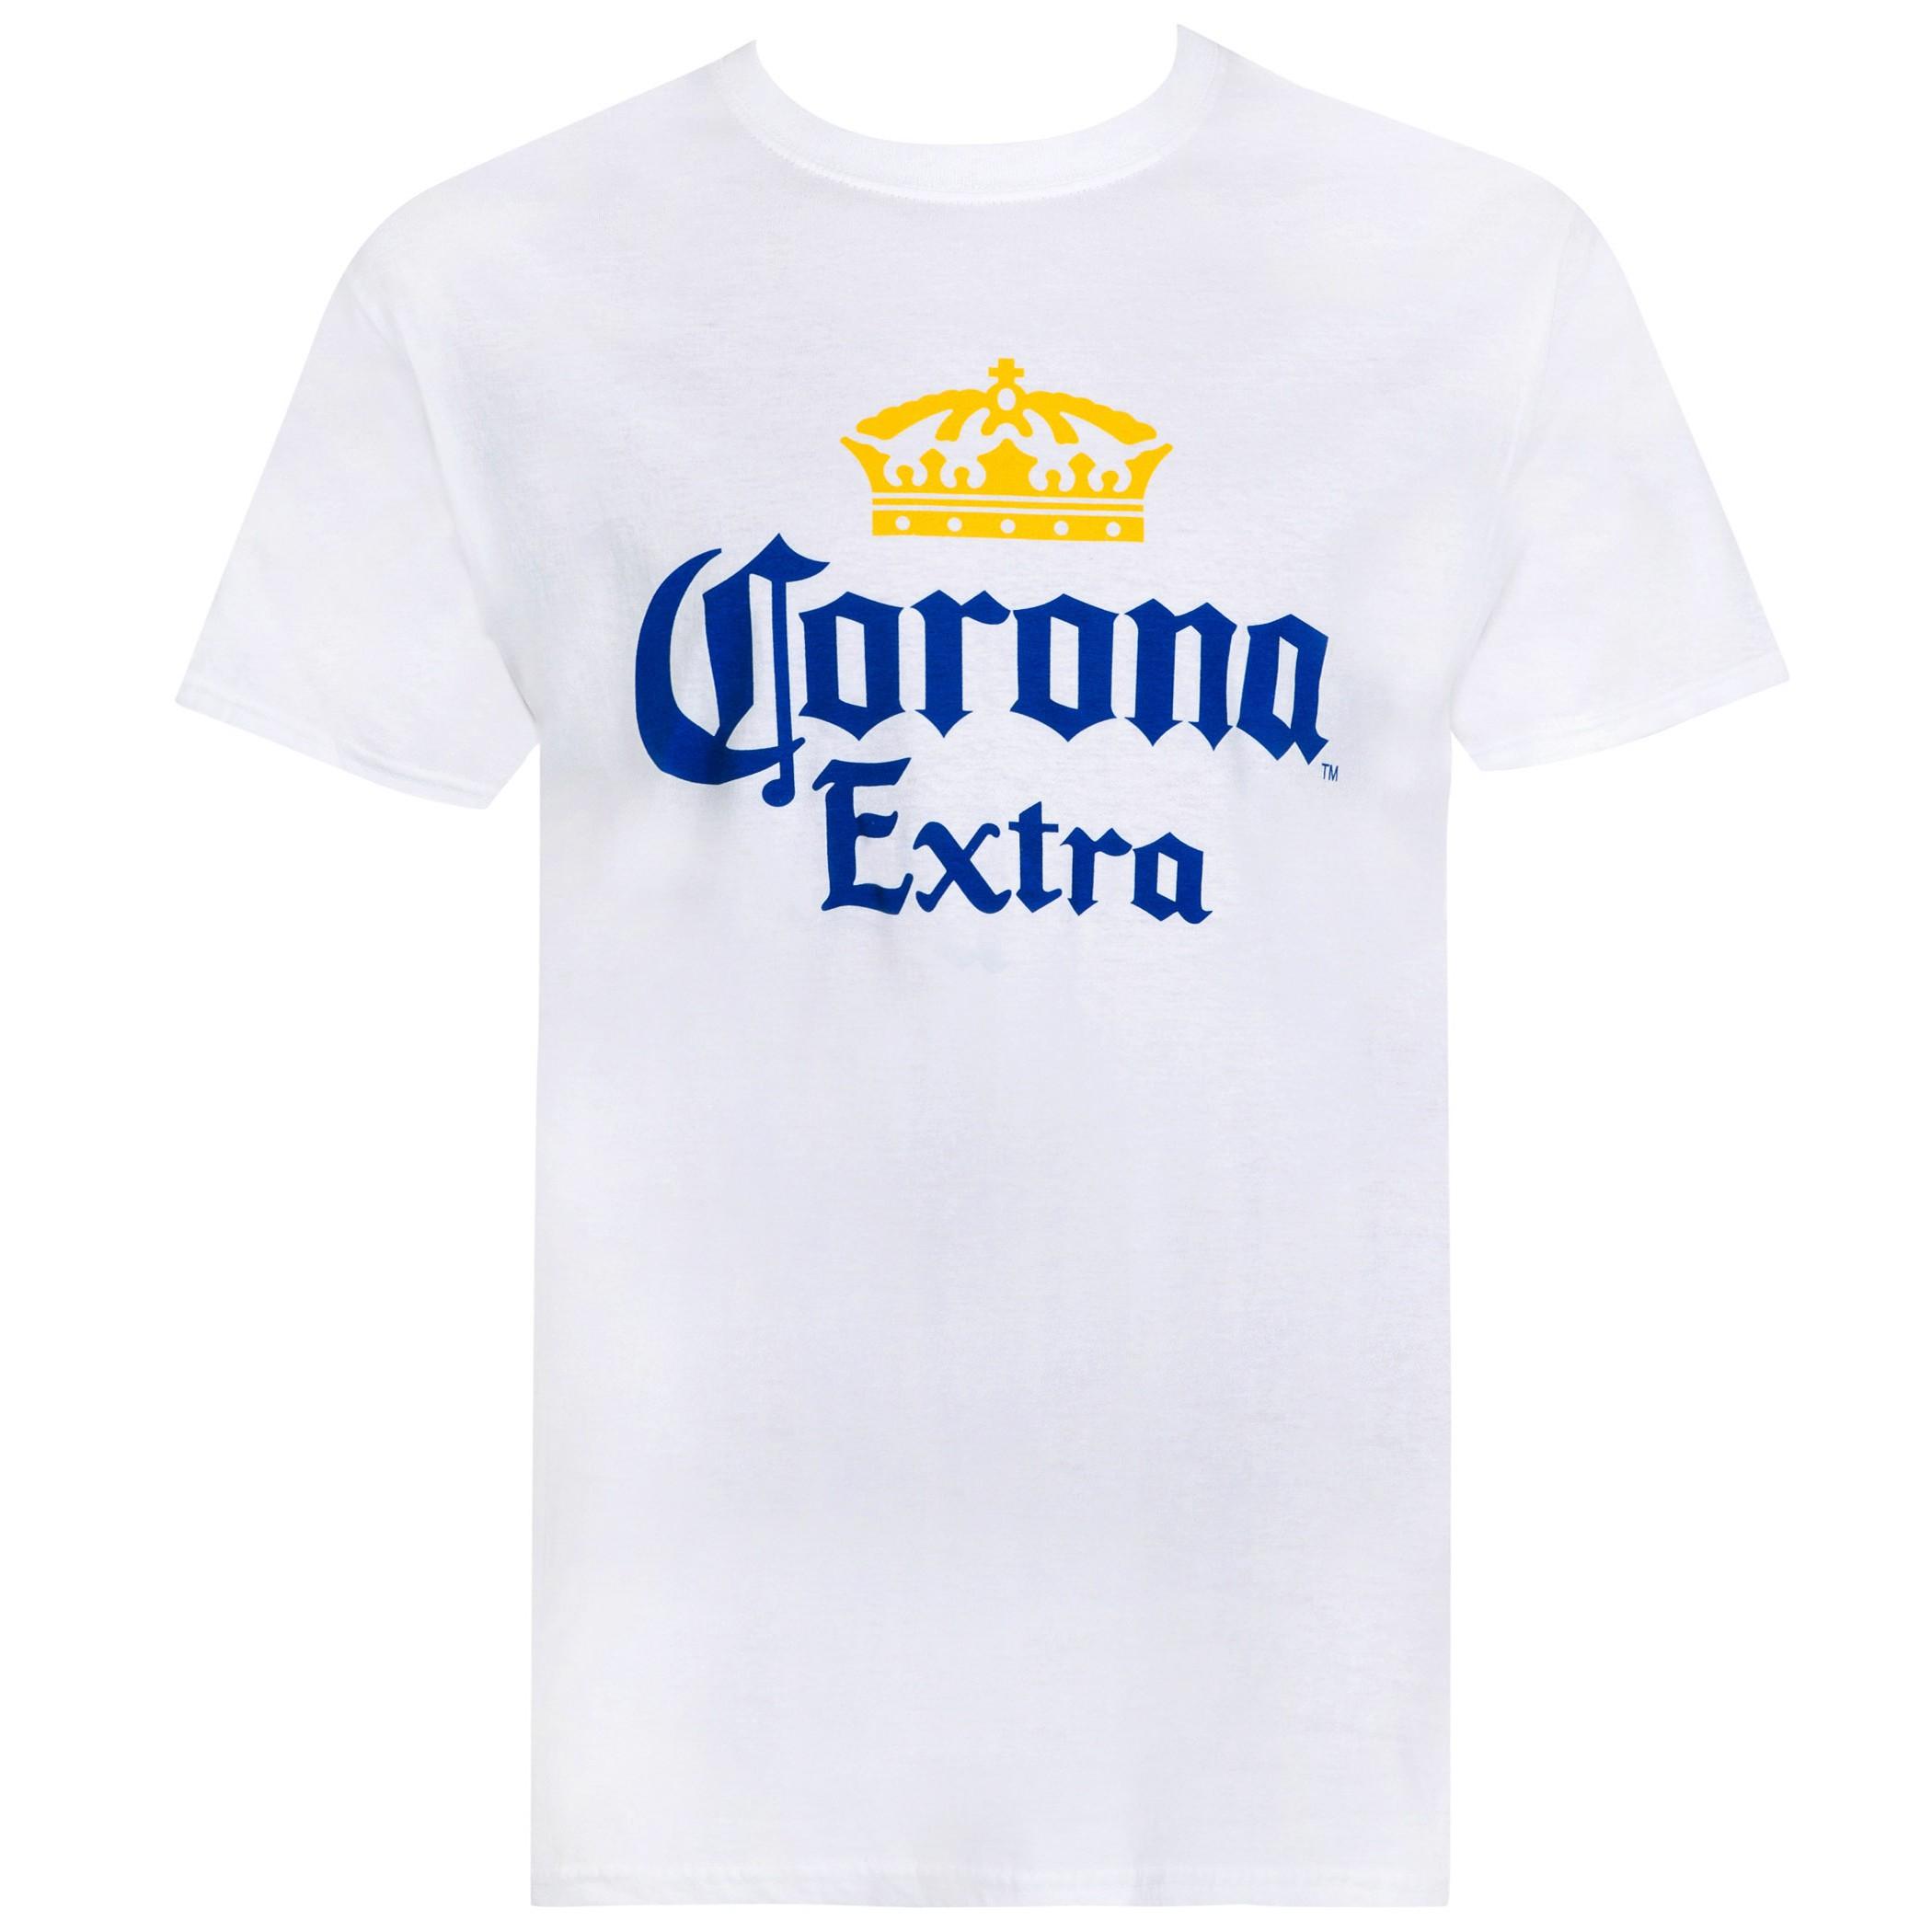 Corona Extra Basic White Tee Shirt